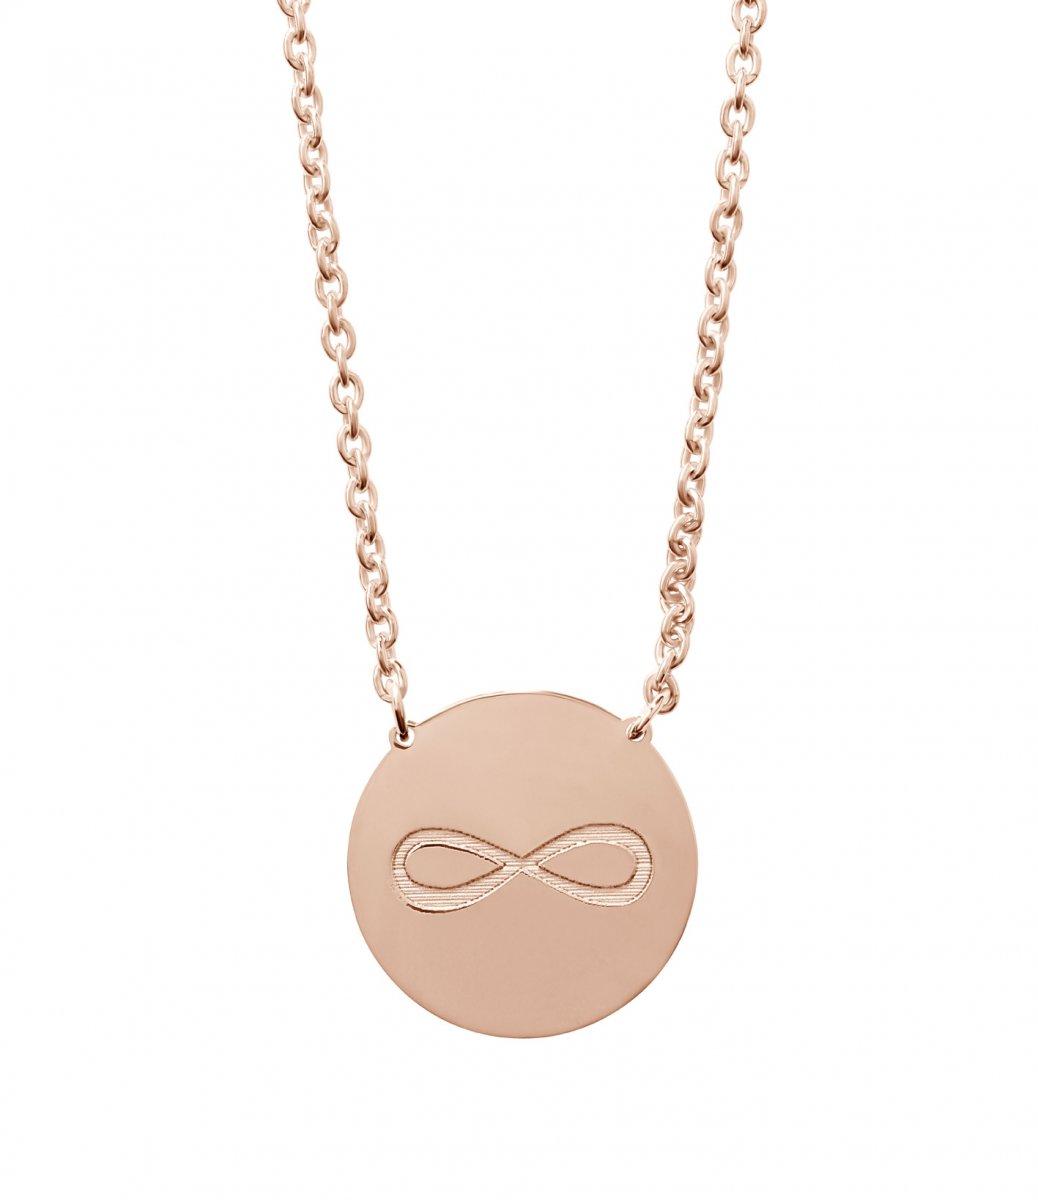 Ružový náhrdelník LA VIIDA so symbolom nekonečna